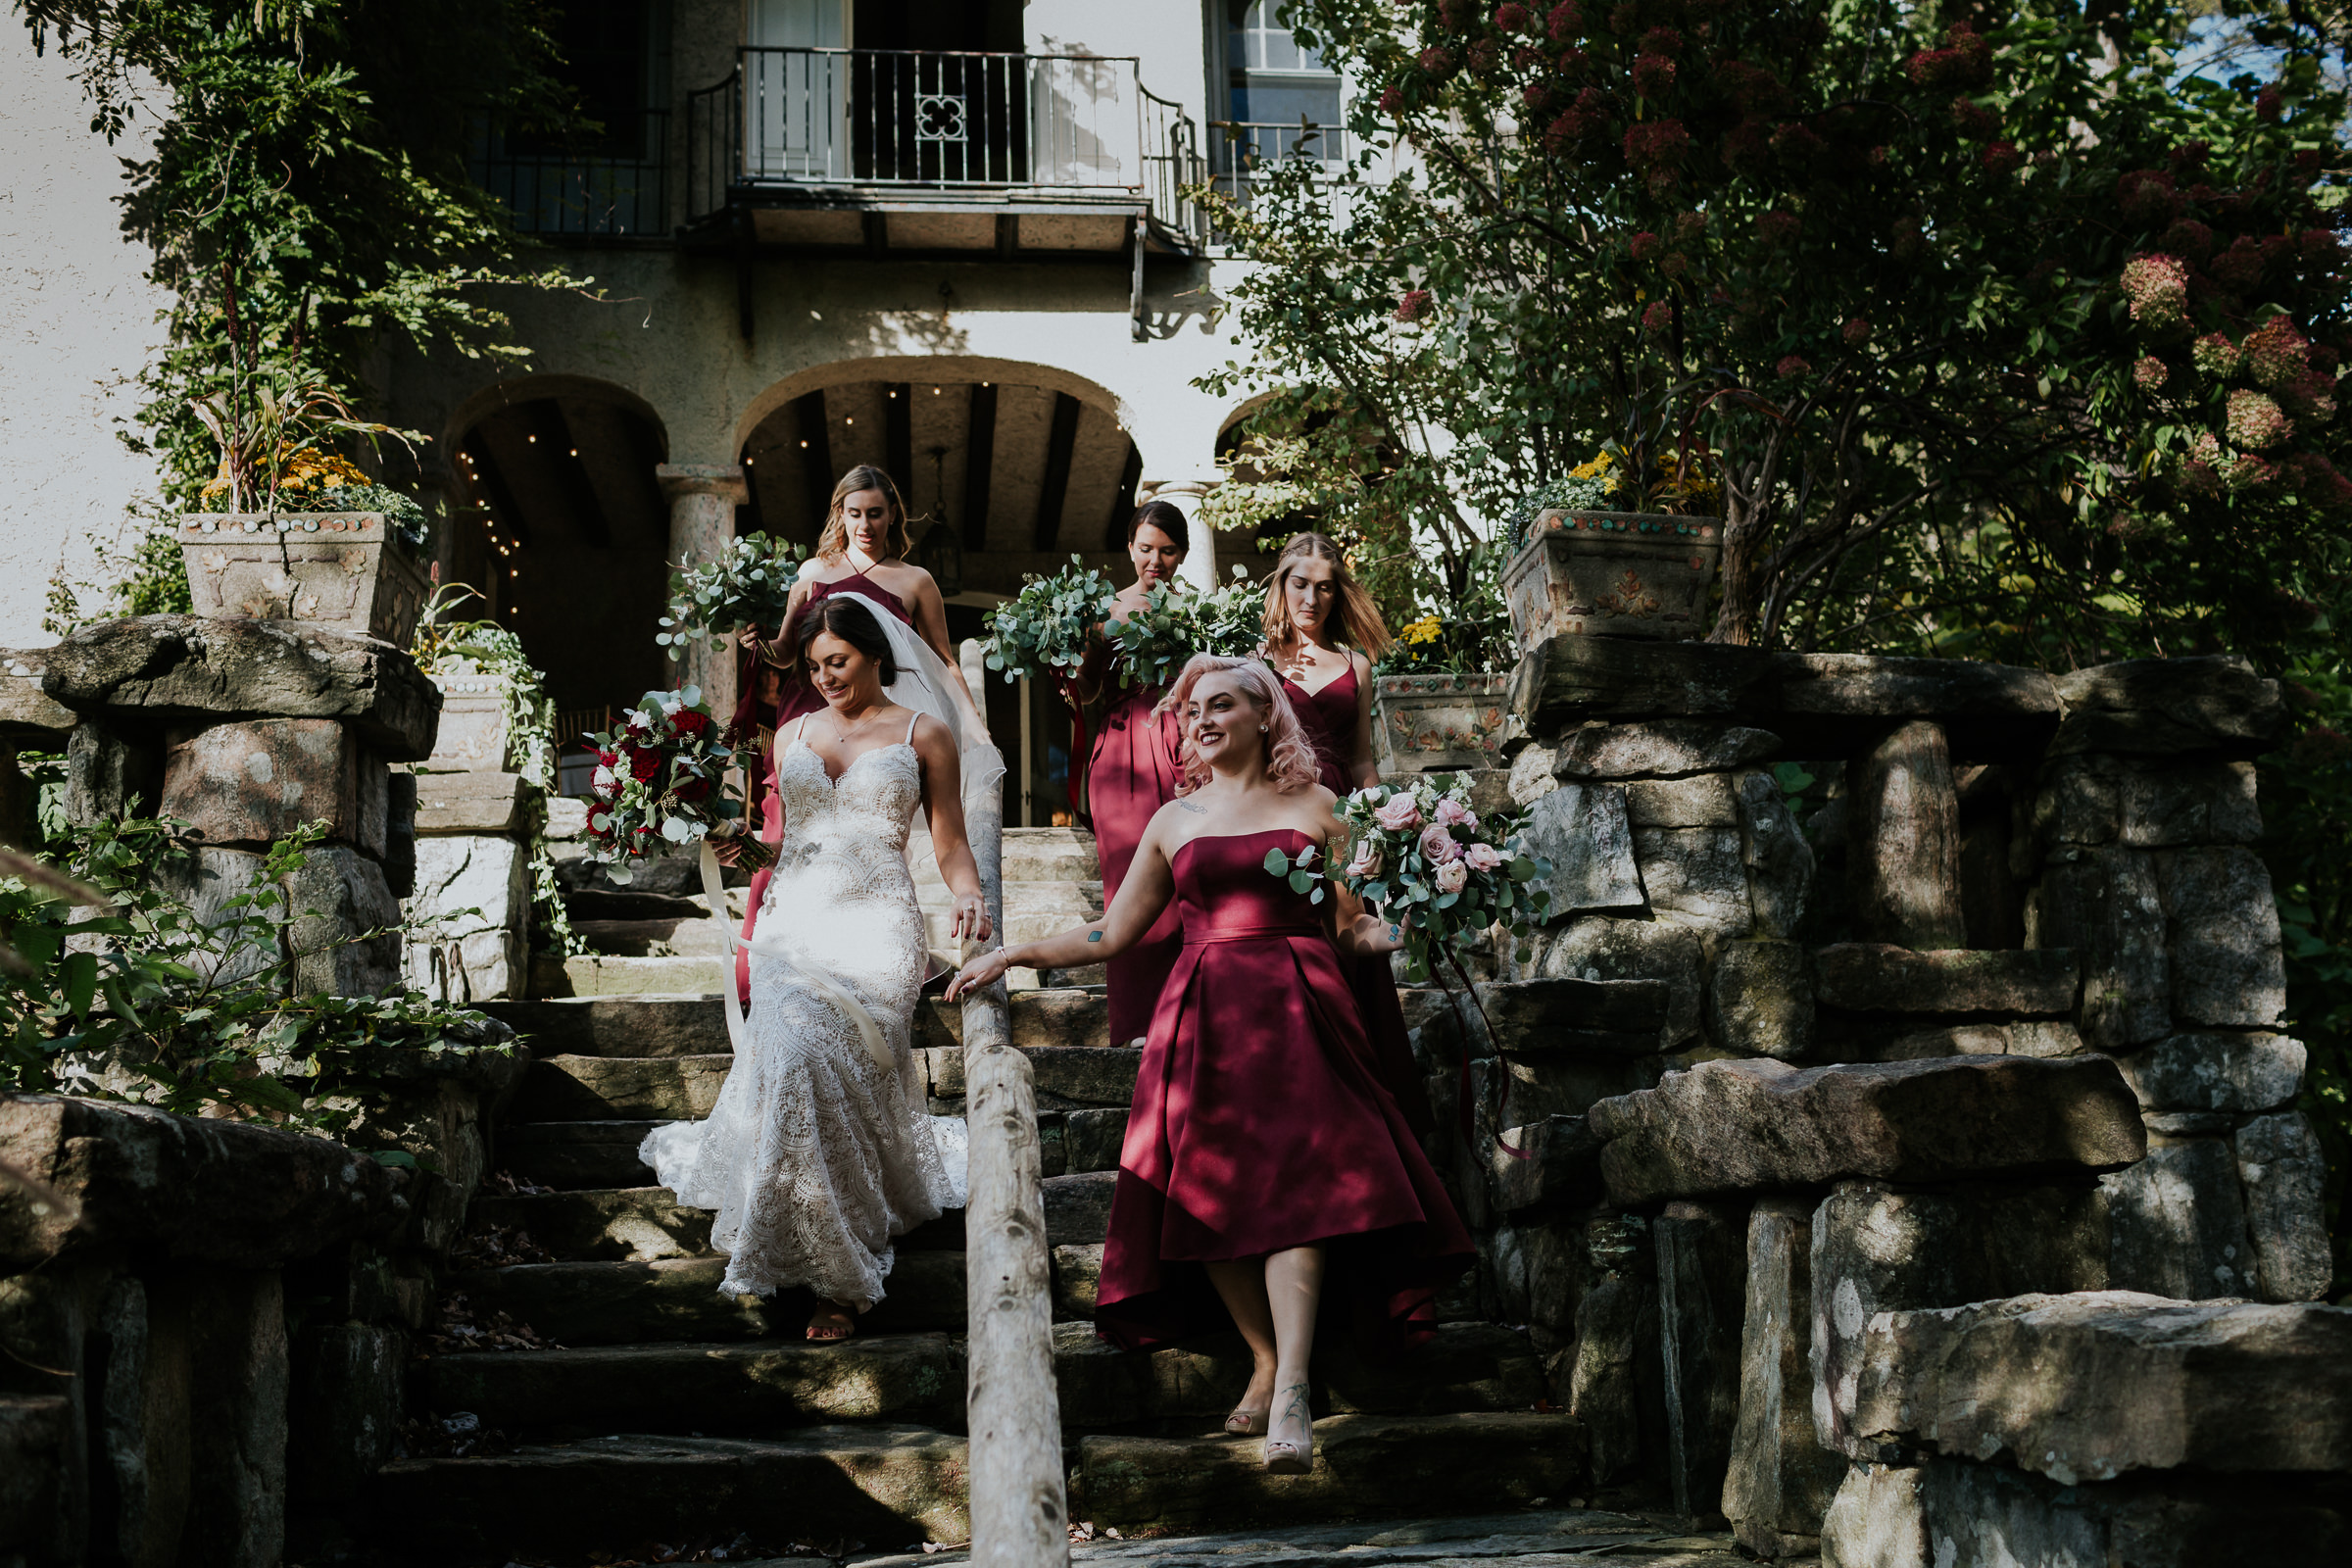 Arrow-Park-Monroe-NY-Documentary-Wedding-Photographer-31.jpg